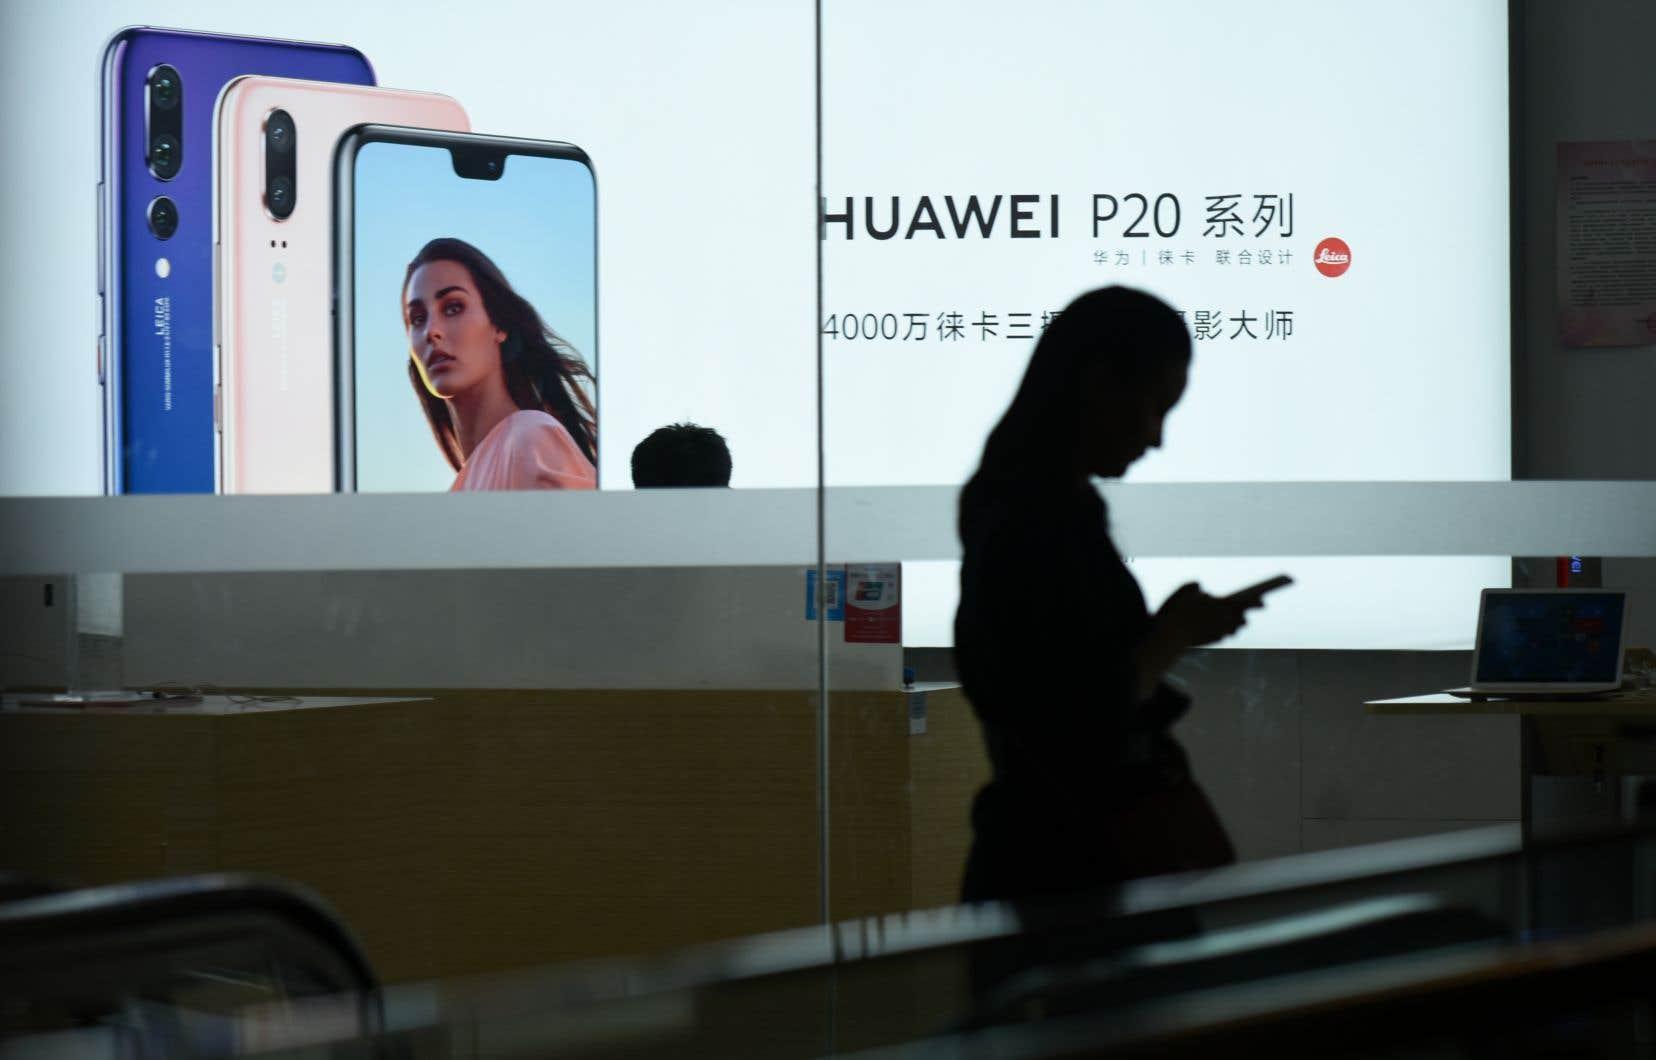 Les réactions des internautes chinois sur les réseaux sociaux ont montré à quel point l'opinion publique est perturbée.